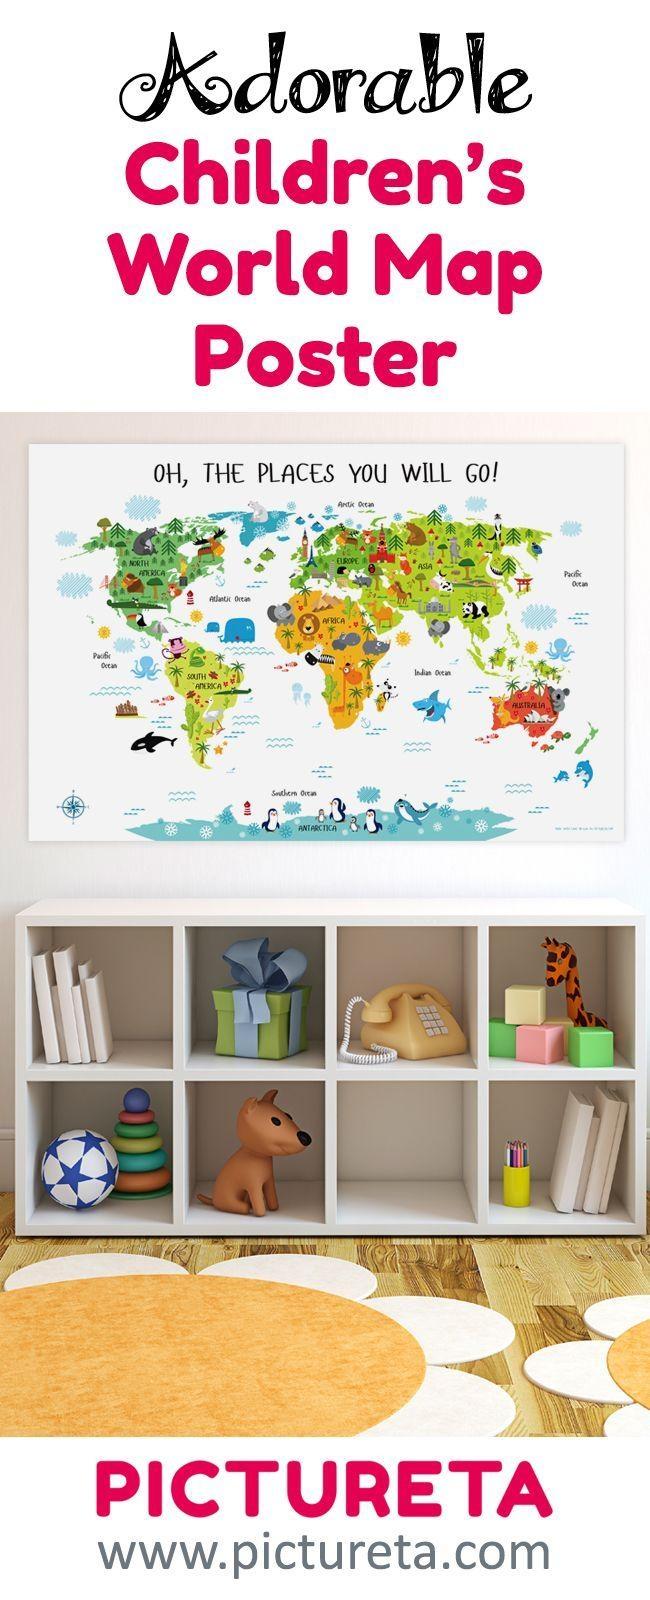 Best 25+ Playroom Art Ideas On Pinterest | Playroom Decor Inside Playroom Wall Art (Image 5 of 20)